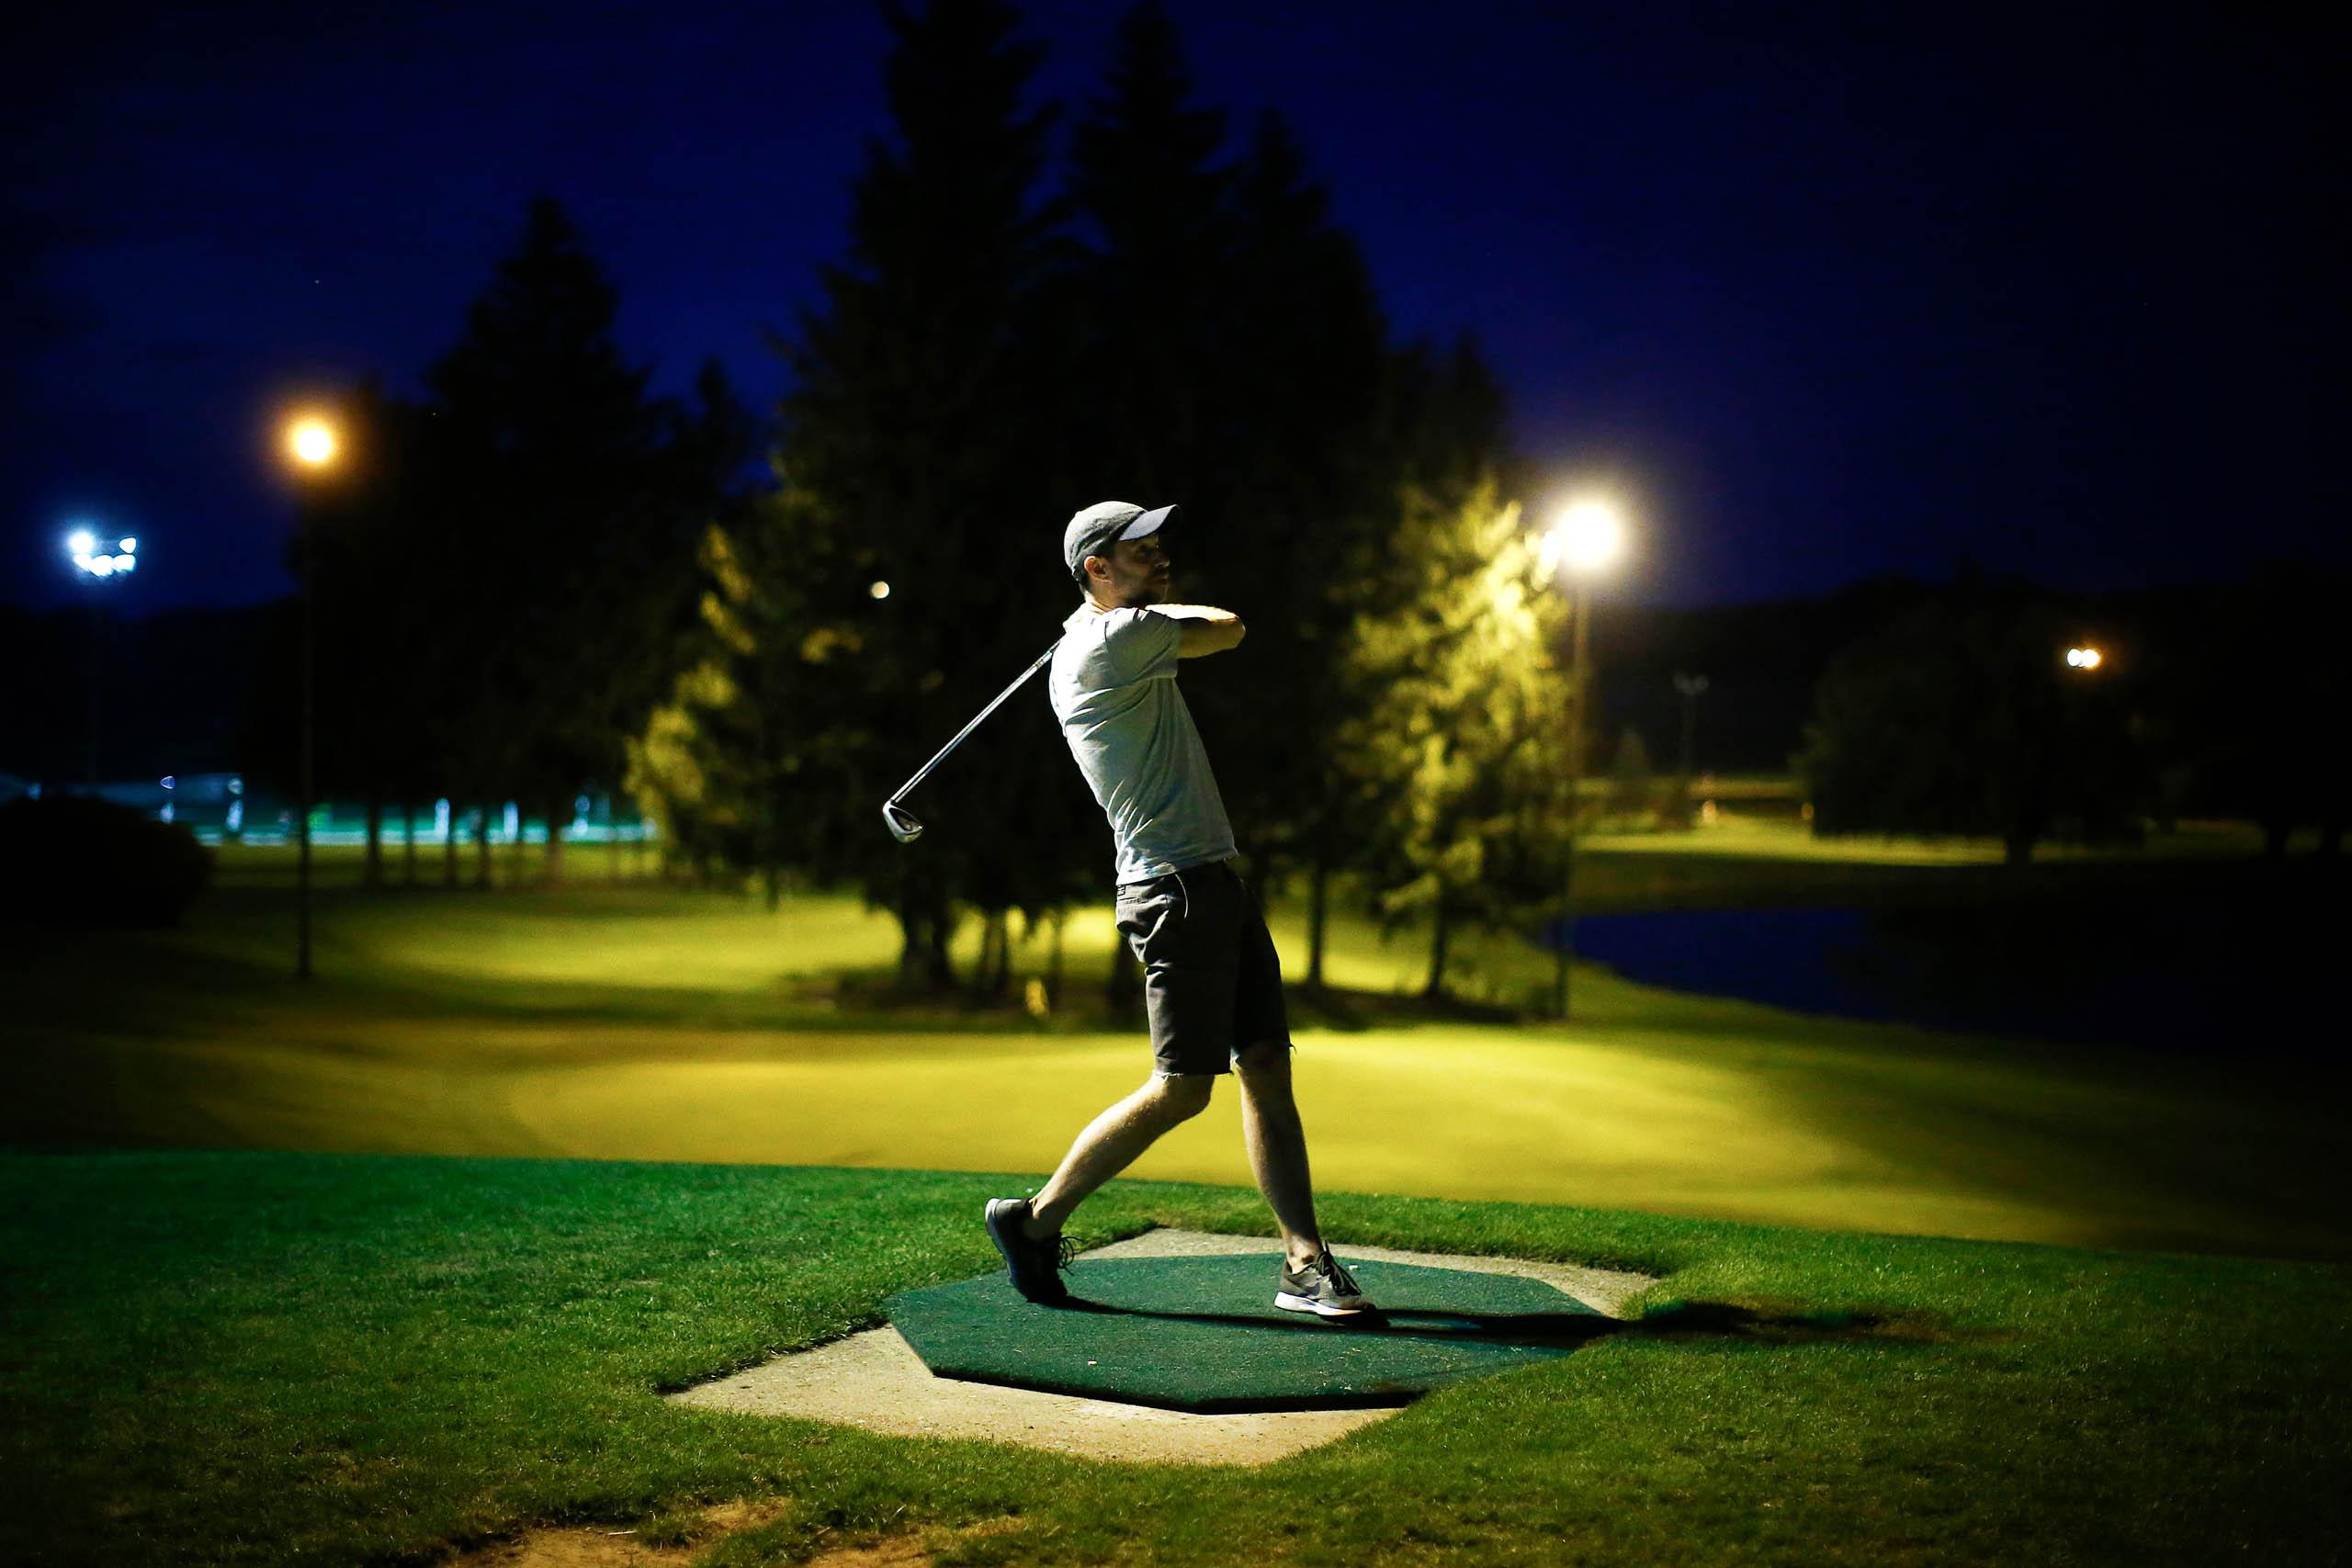 Photo by Jared Wickerham/Golfers Journal